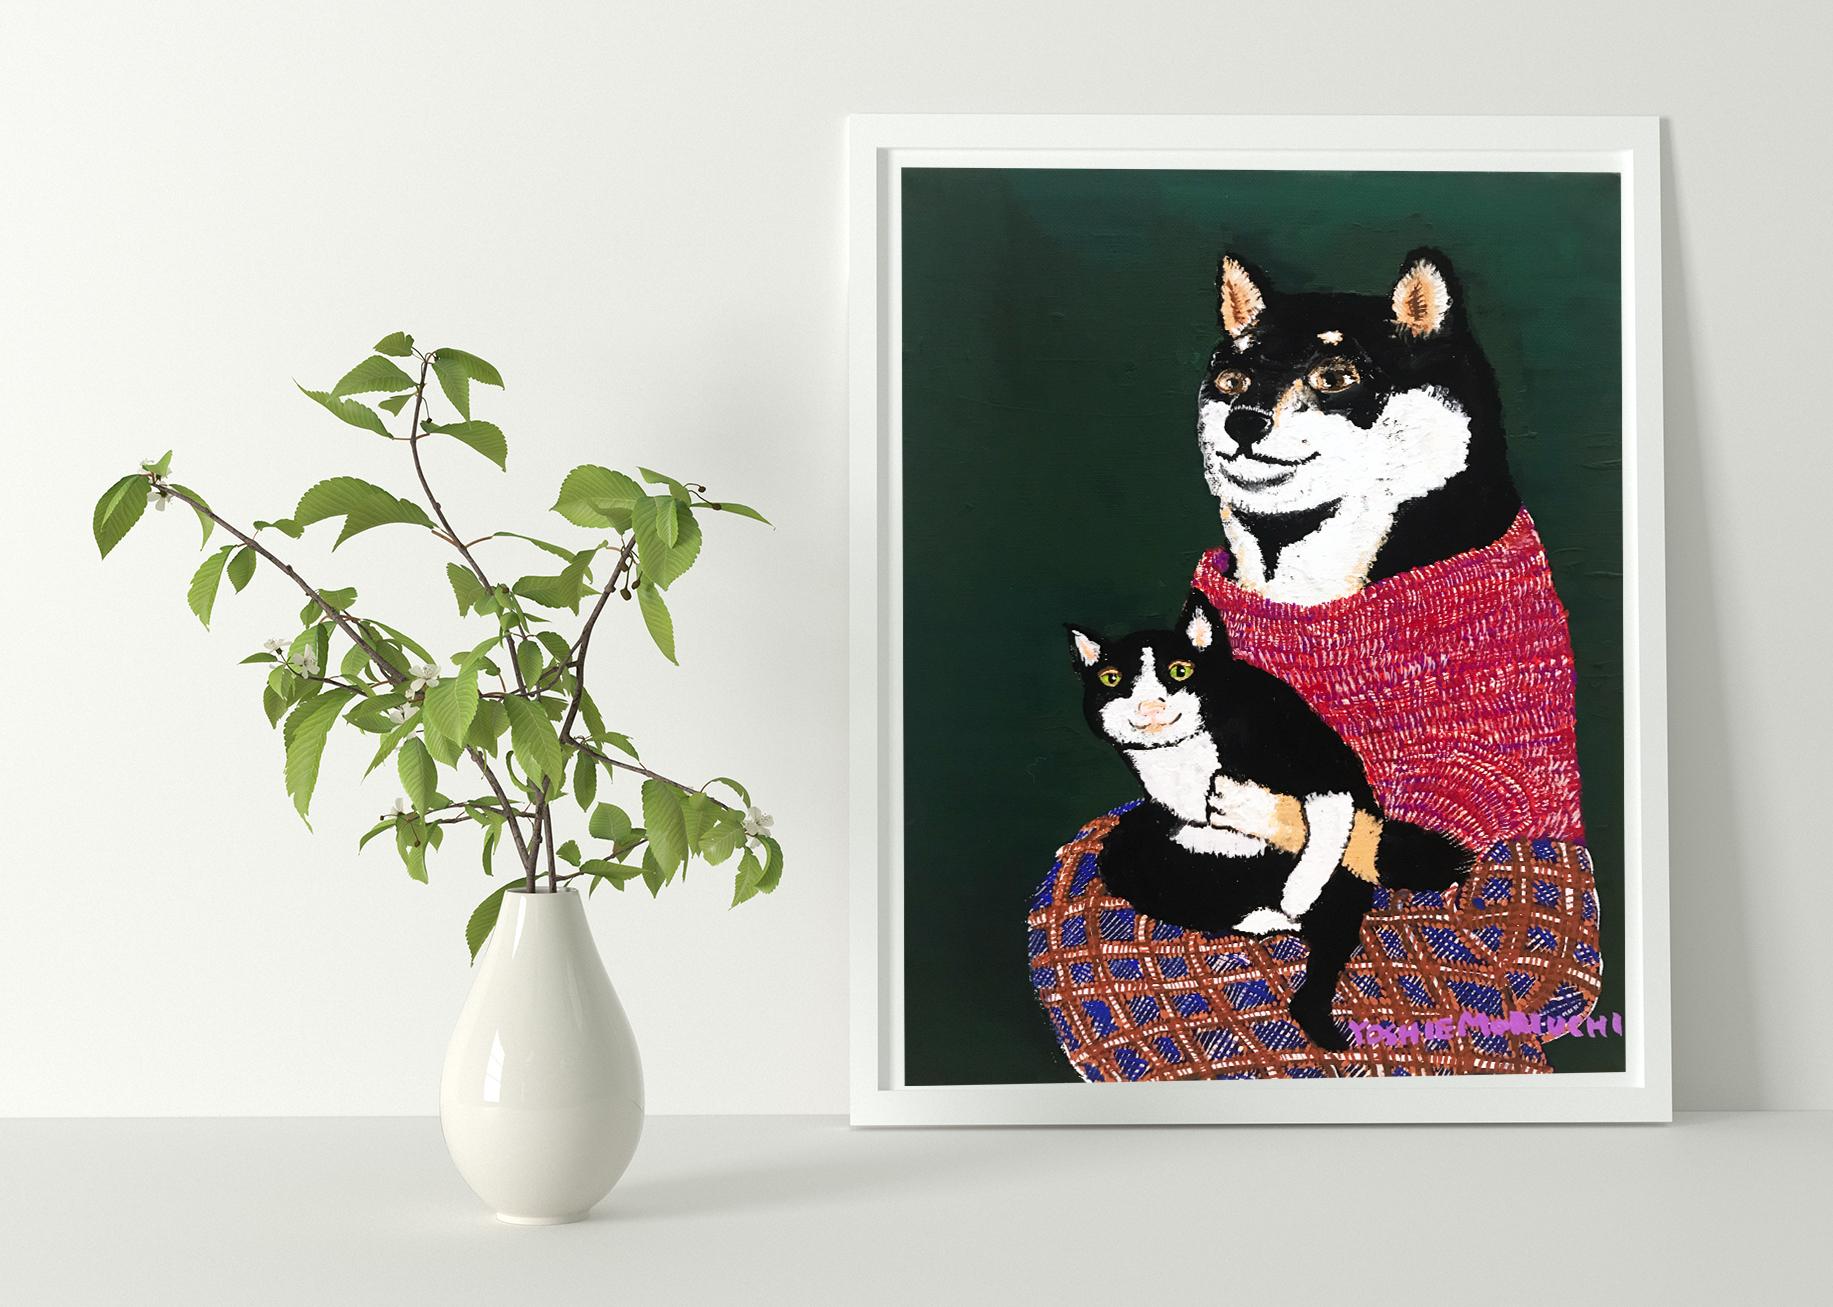 【原画・新作】 黒柴さんと黒猫さん(Dear Kuroshiba and Kuroneko)